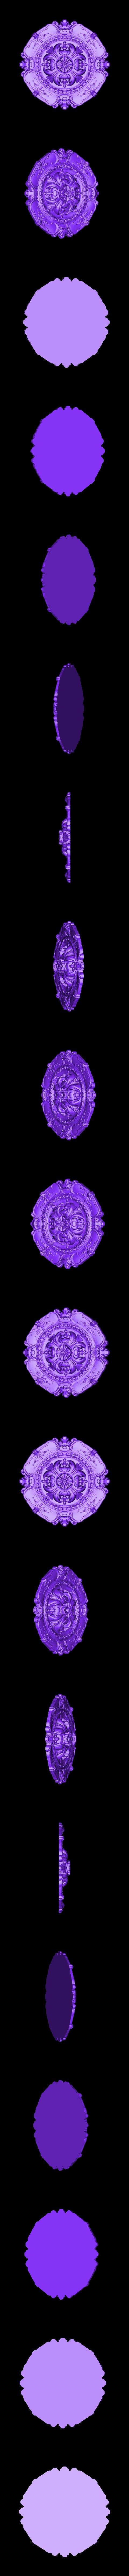 41.obj Télécharger fichier OBJ gratuit Moulures vintage pour vieux appartements classiques cnc art machine à router 3D printed • Modèle à imprimer en 3D, 3DPrinterFiles